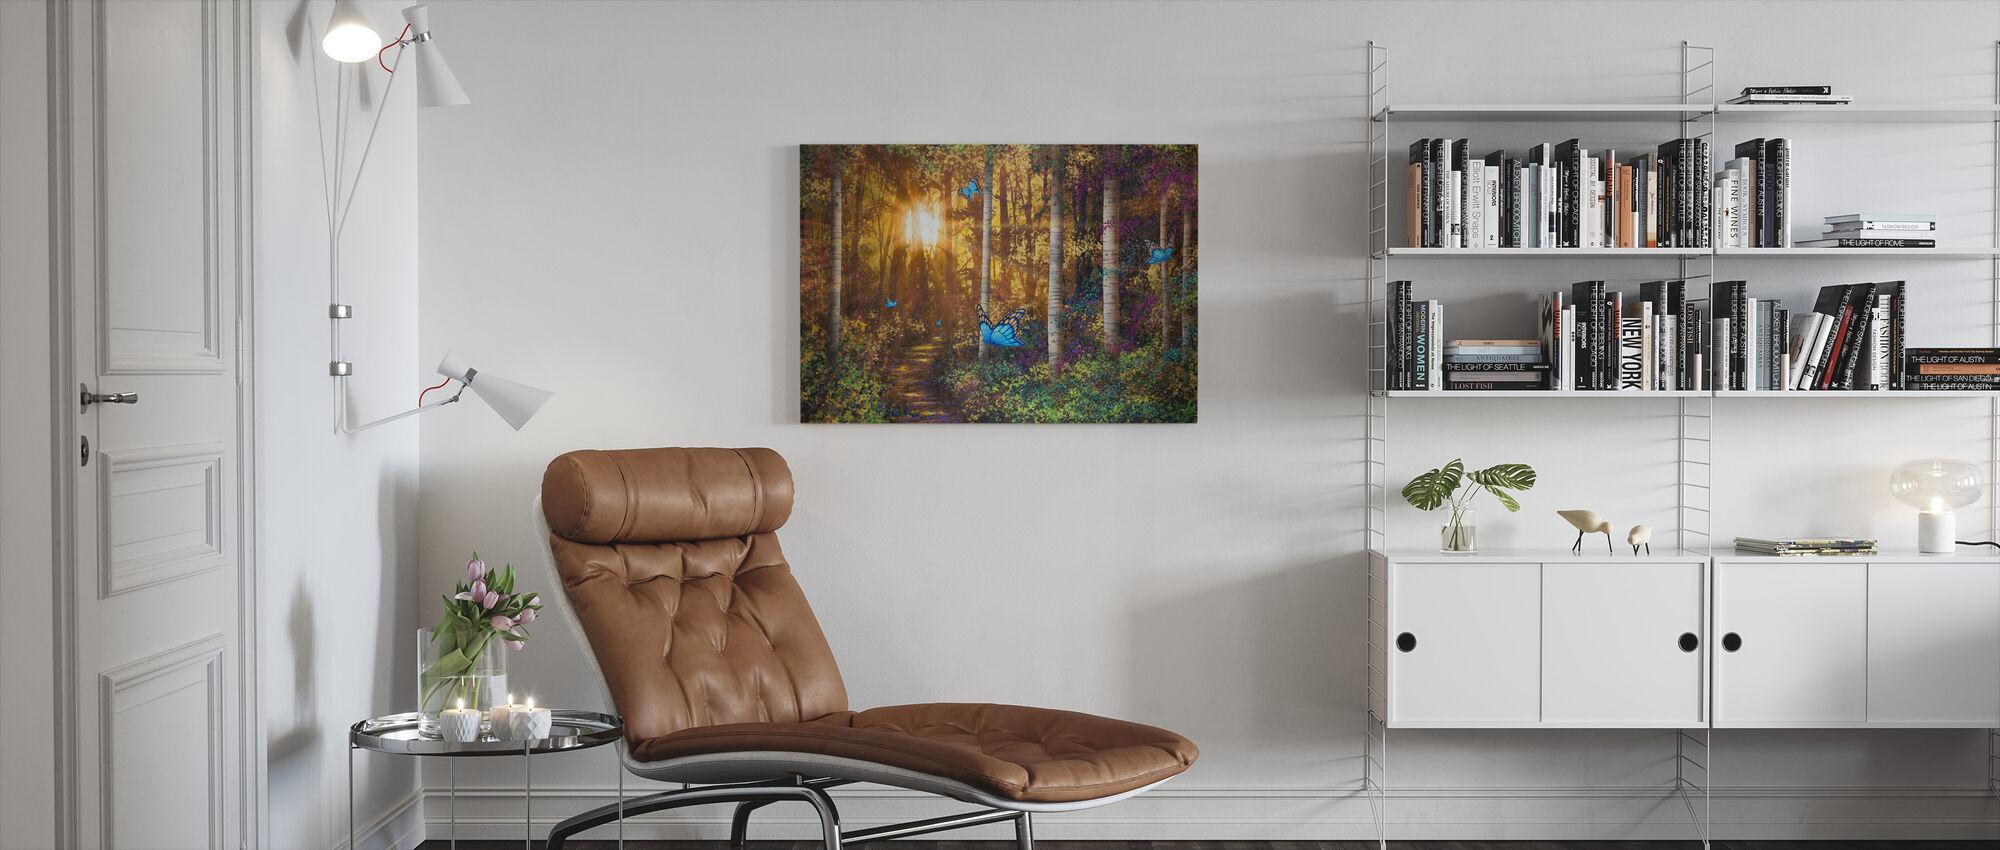 Skovspor med sommerfugle - Billede på lærred - Stue